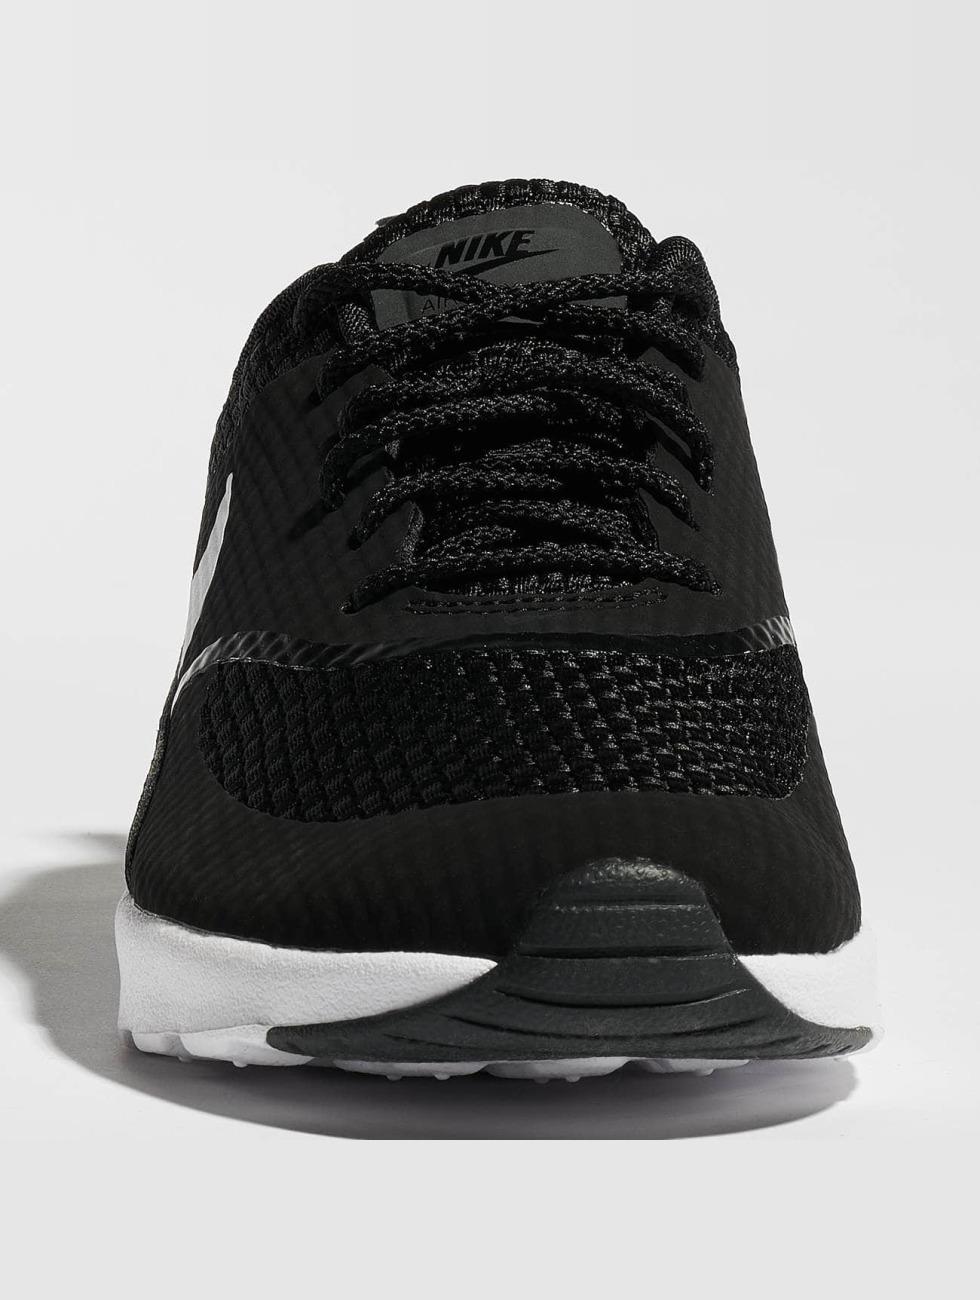 Nike Chaussure / Basket Air Max Thea Premium Noir 442949 Livraison Gratuite Avec Mastercard bUR3U